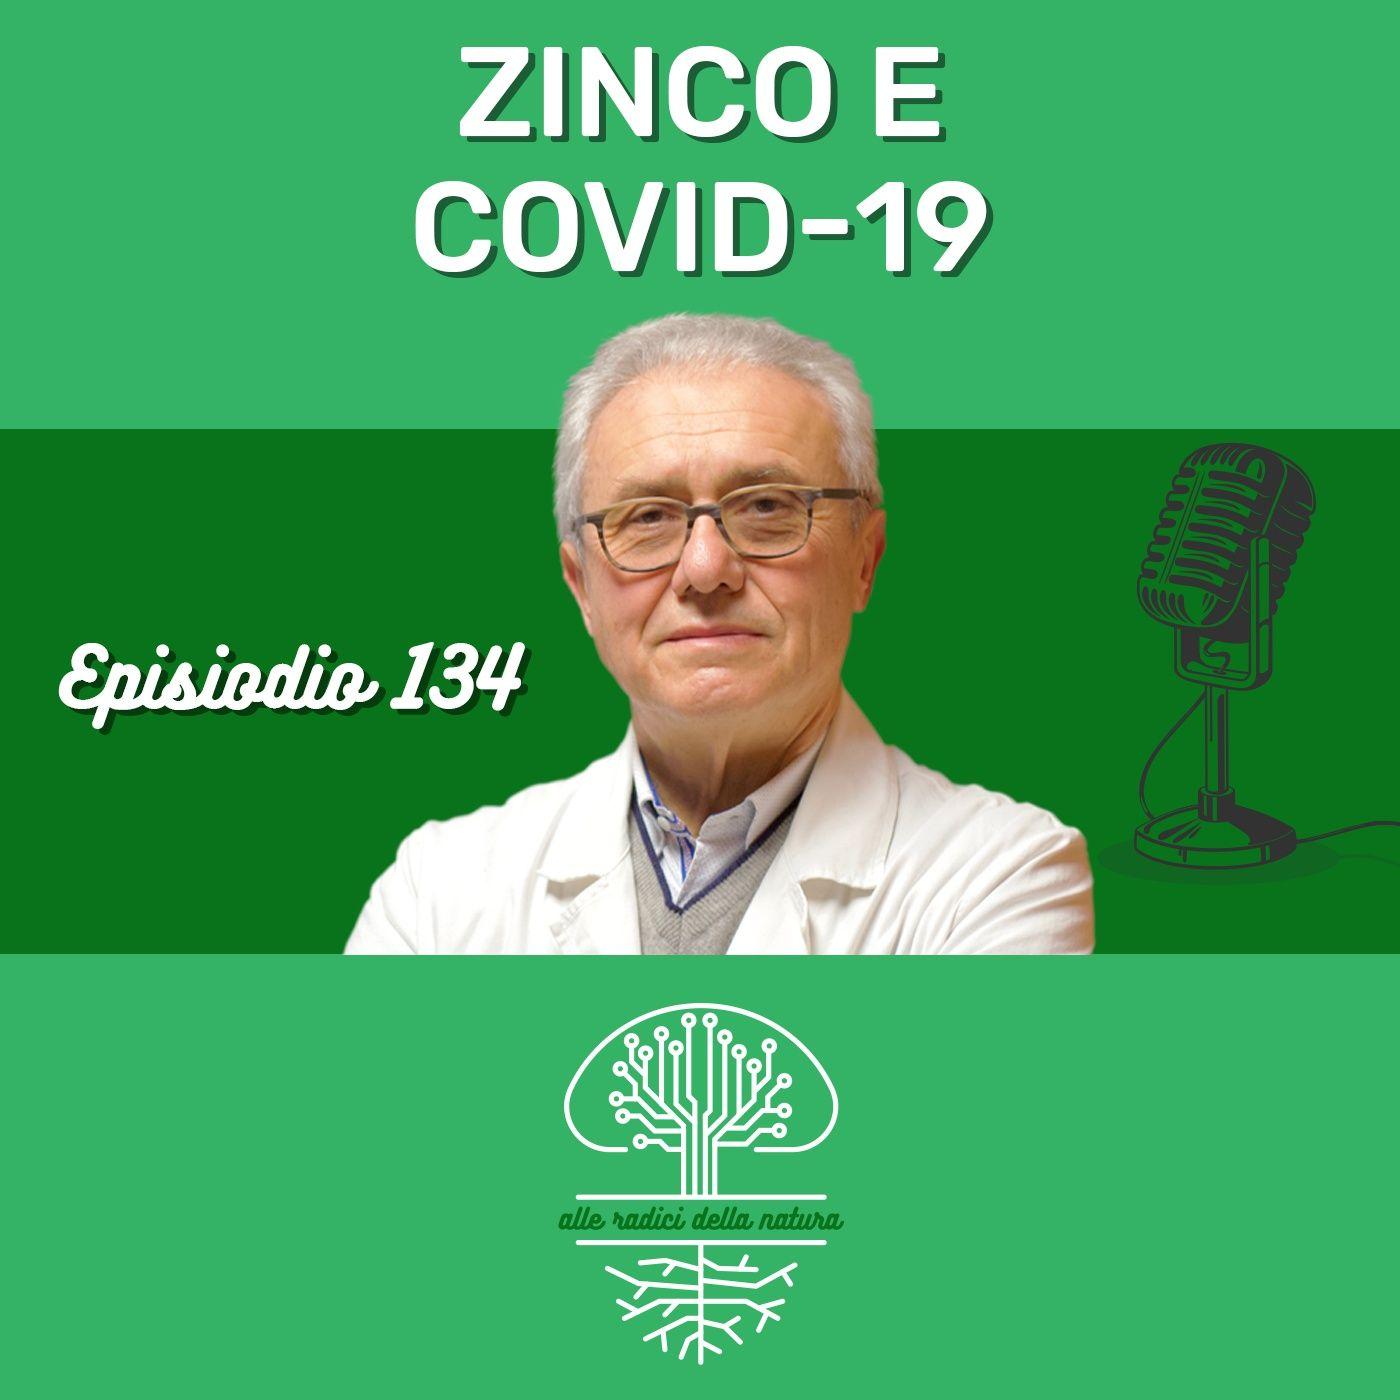 Zinco e Covid-19